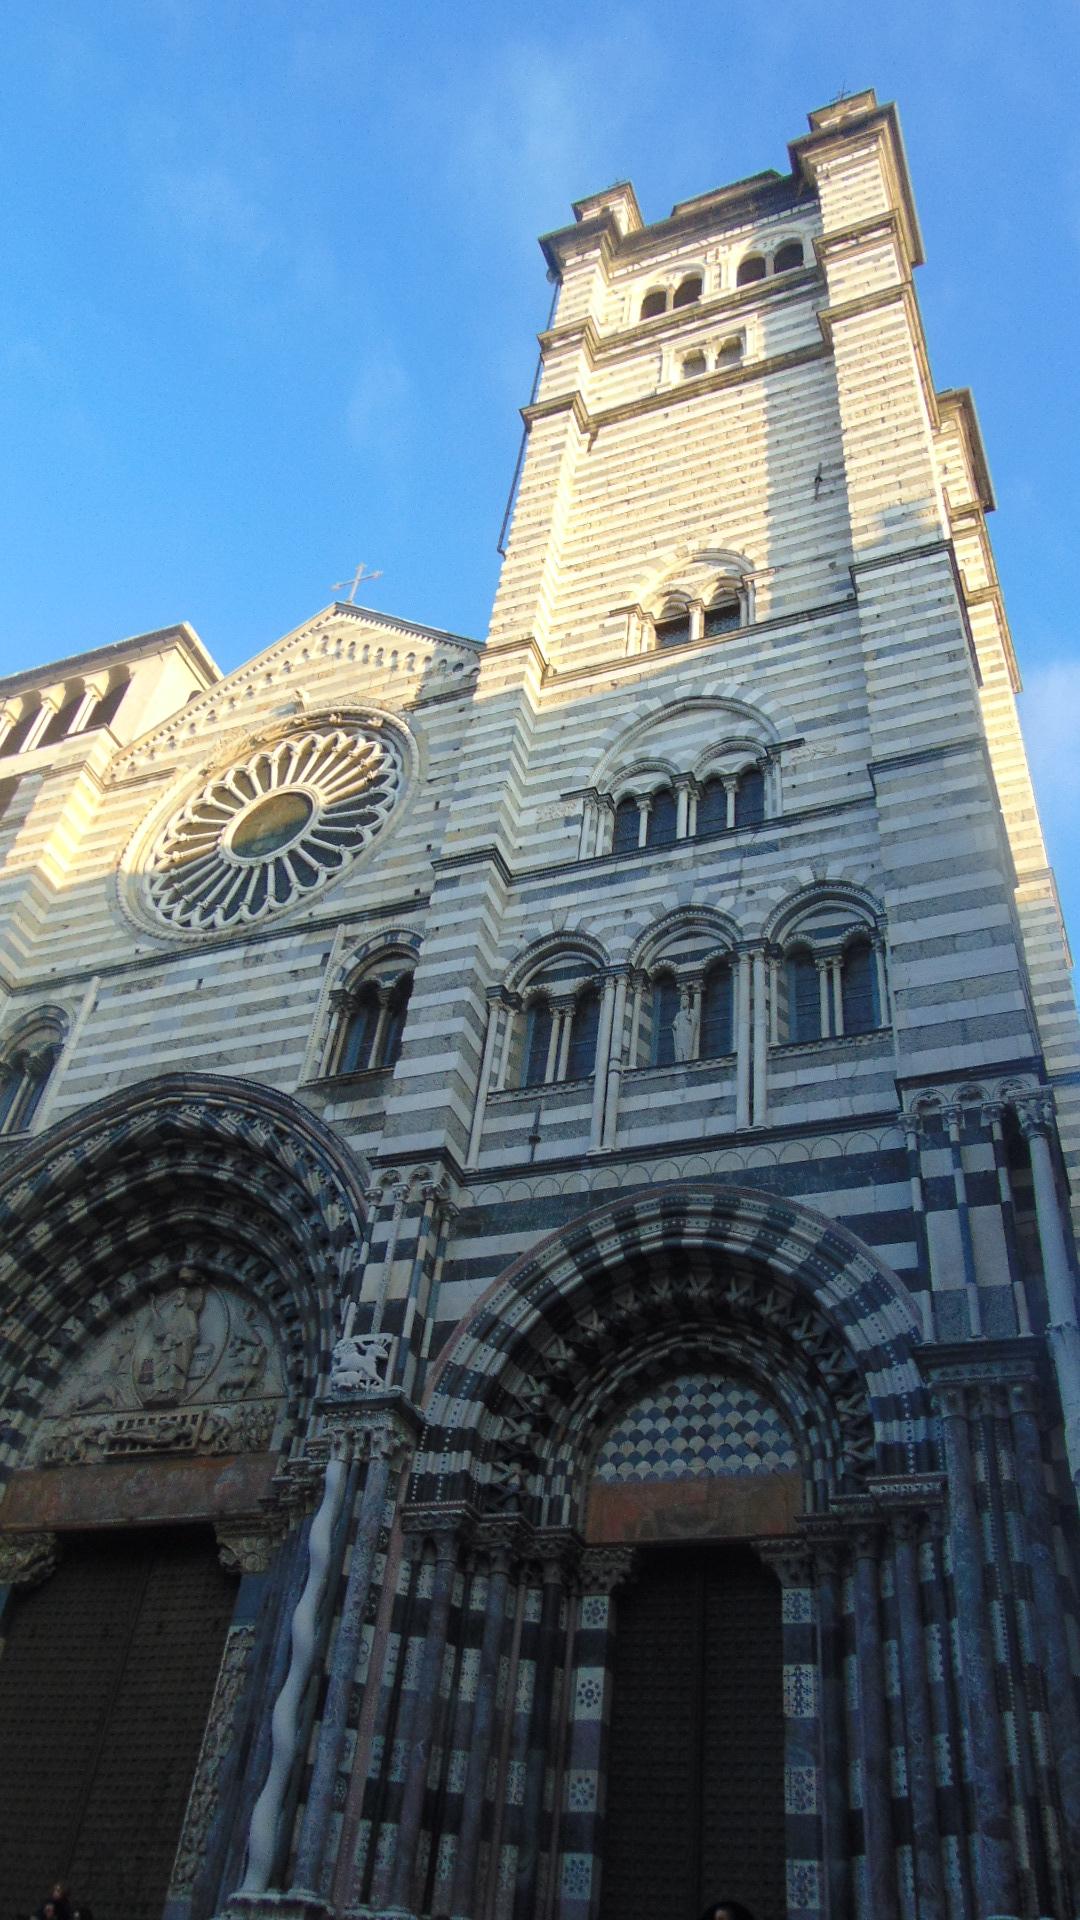 La Cattedrale di san Lorenzo - 28